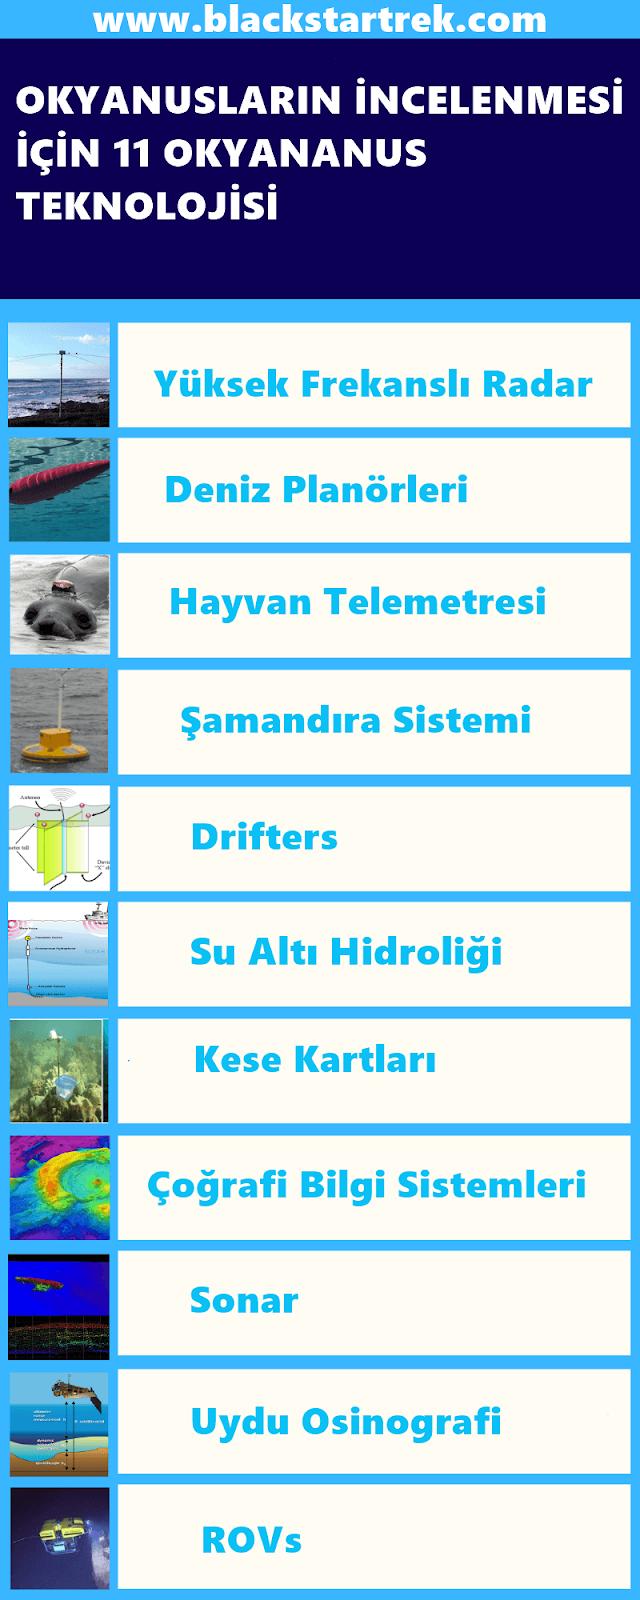 OKYANUS TEKNOLOJİSİ